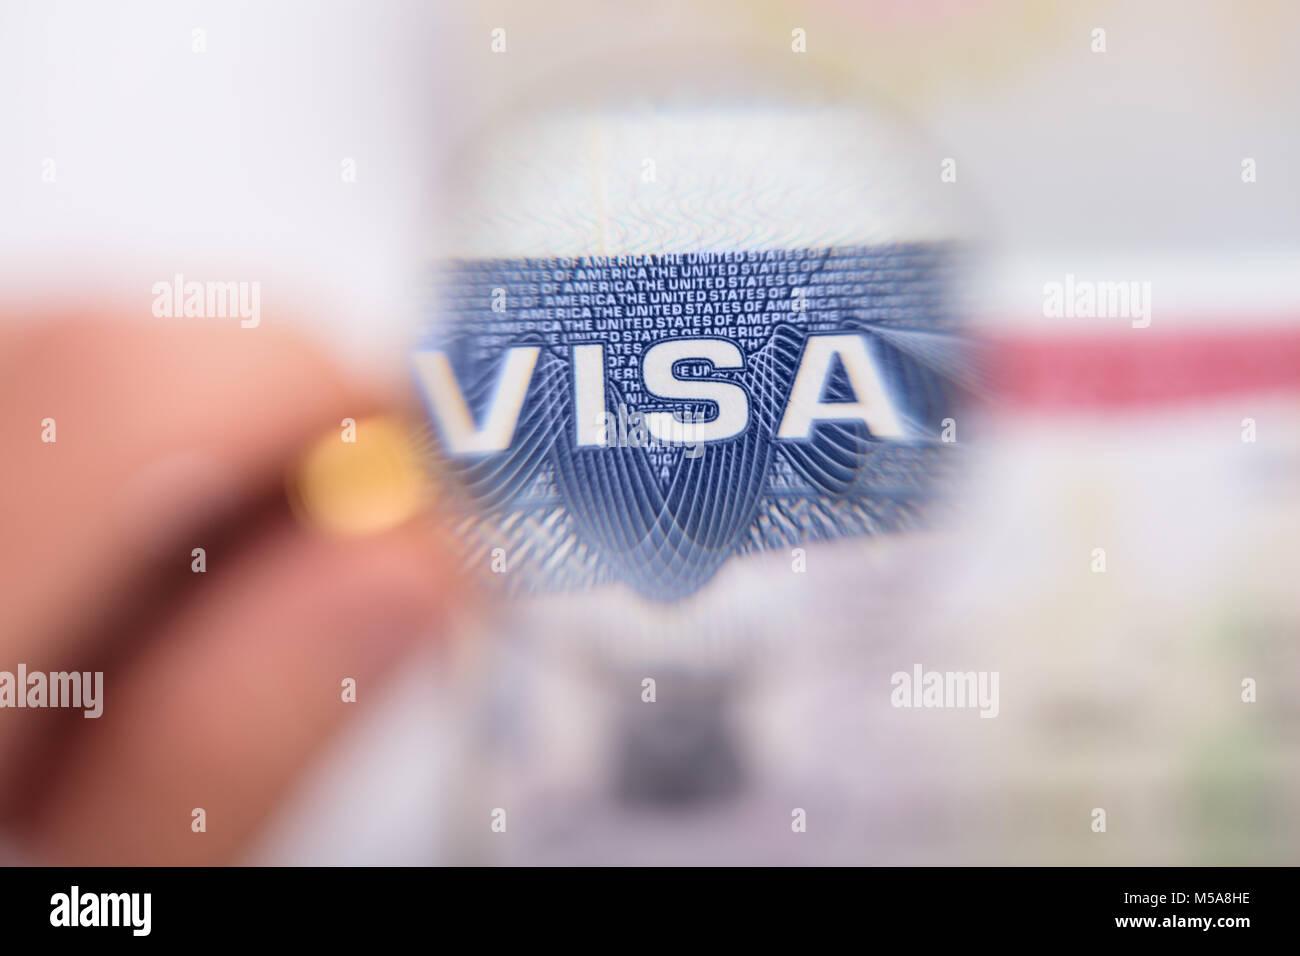 Human hand zooming at visa text with magnifying glass stock photo human hand zooming at visa text with magnifying glass biocorpaavc Choice Image